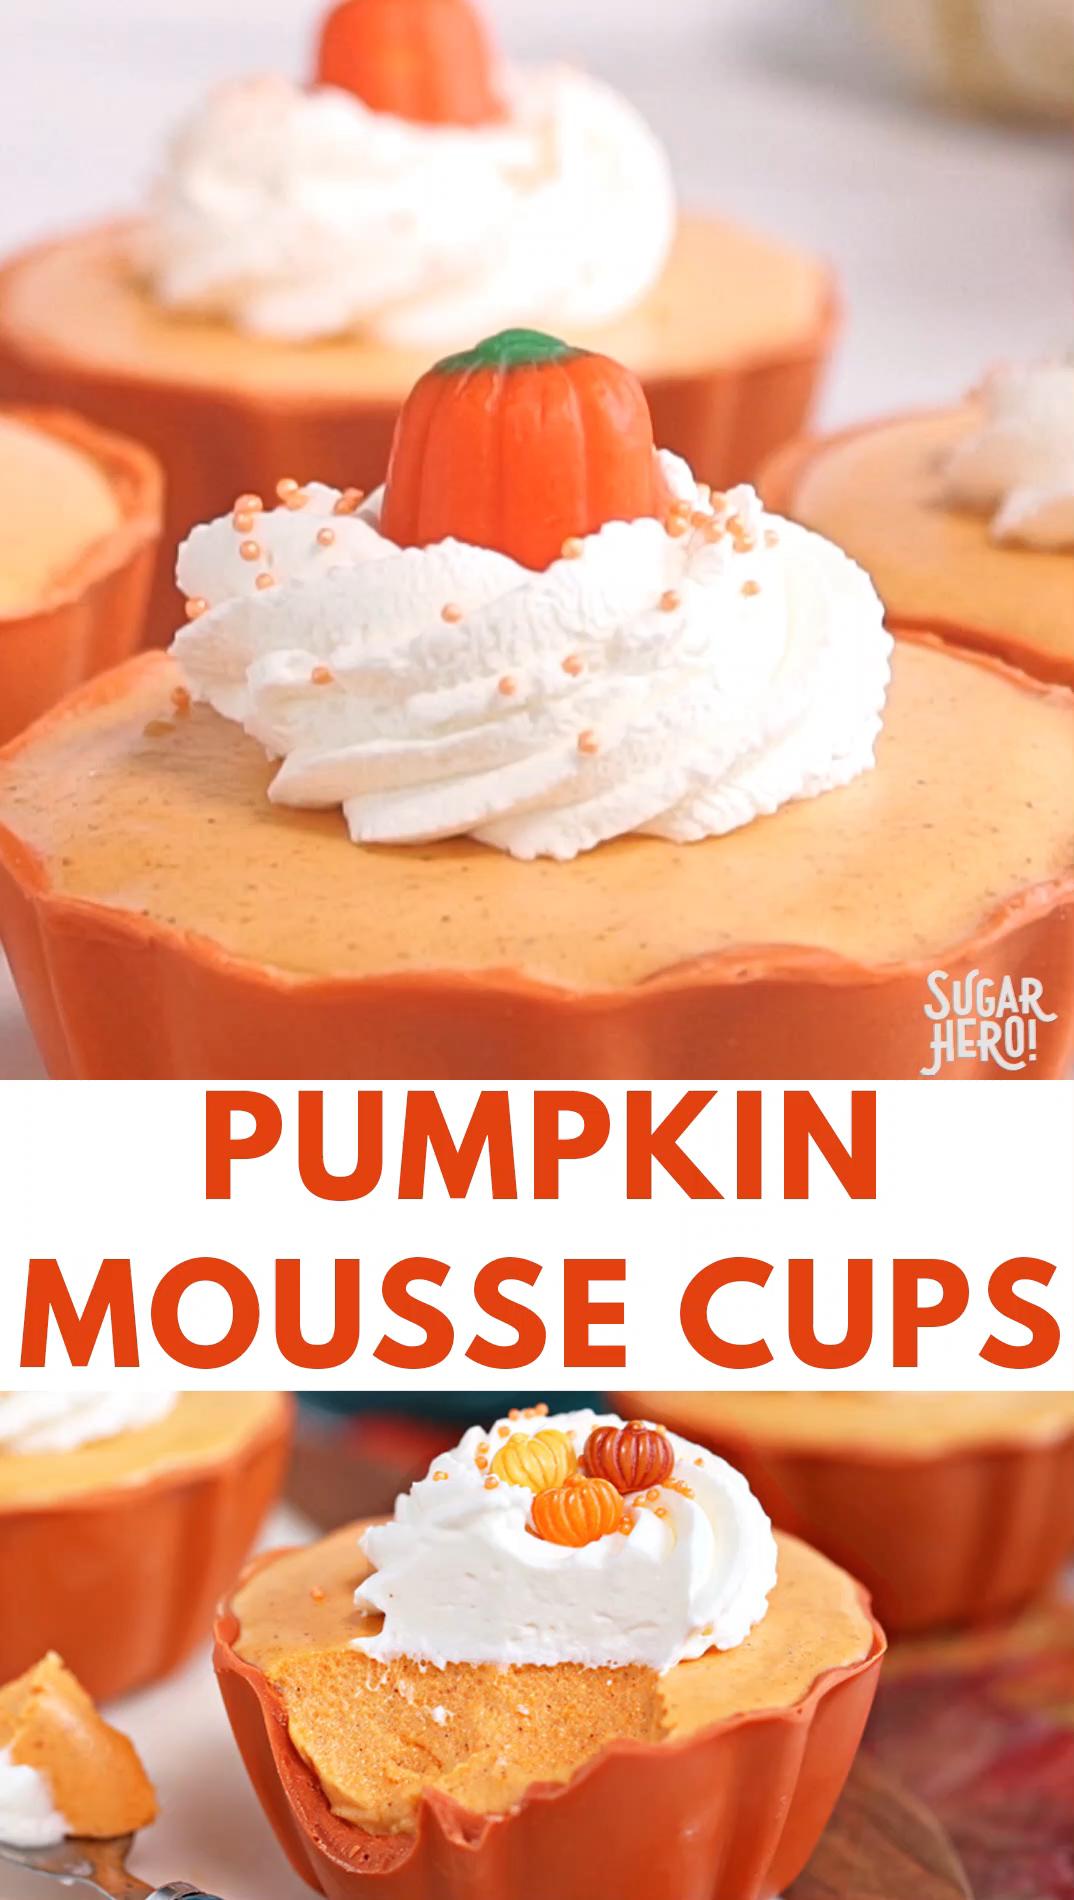 Pumpkin Spice Mousse Cups Video